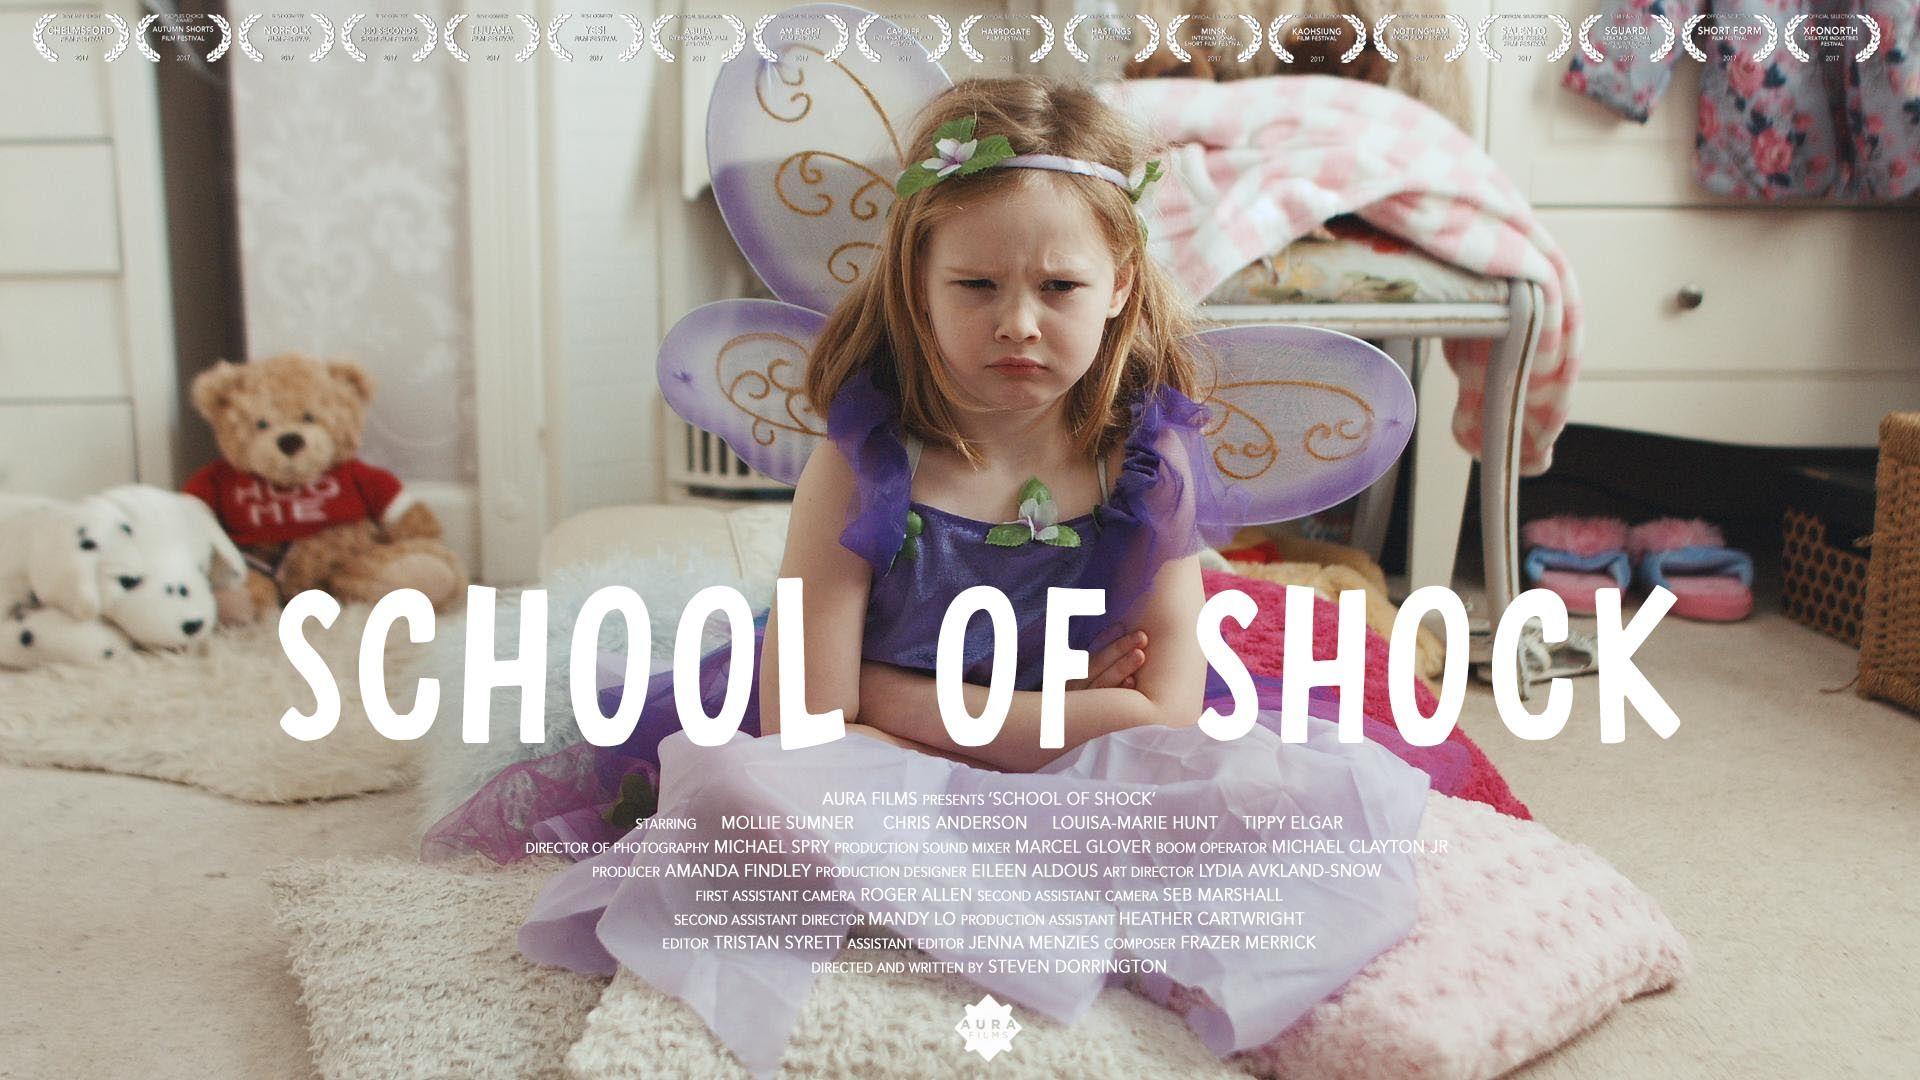 School of Shock